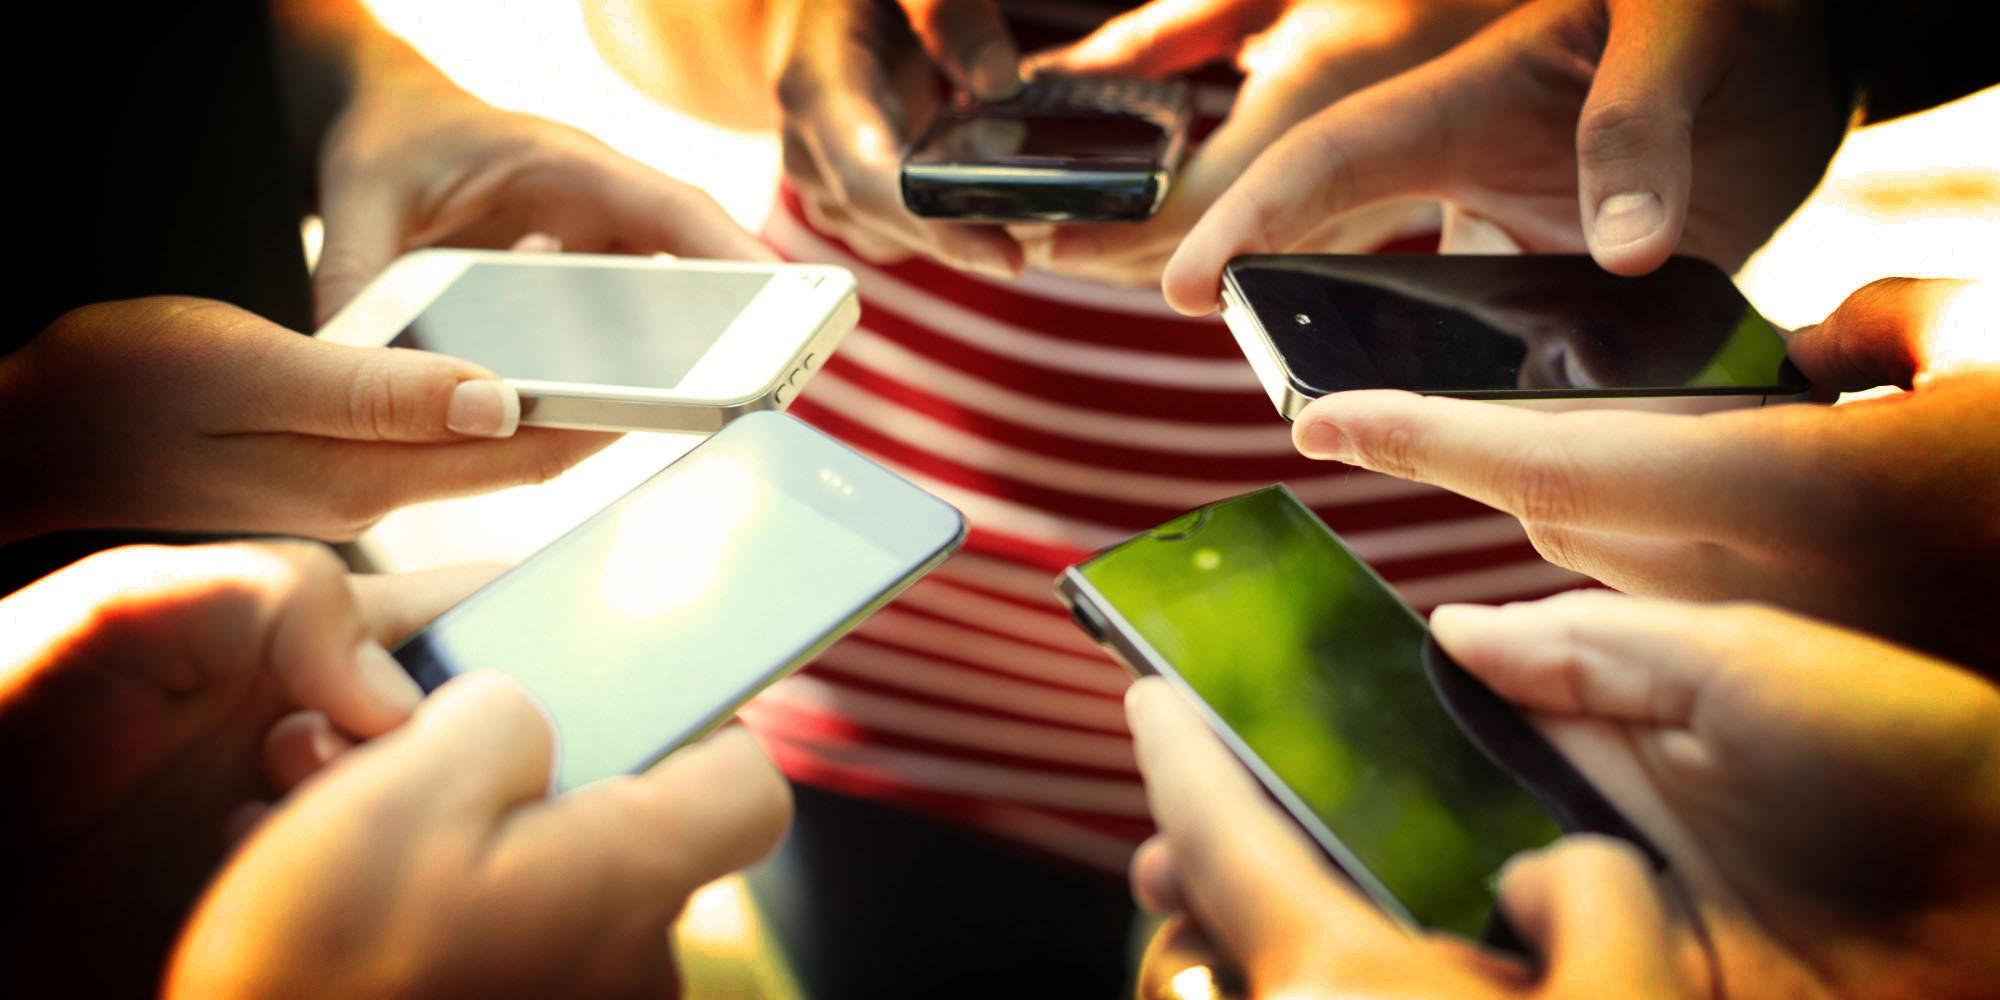 Facebook no carrega fotos no celular 33